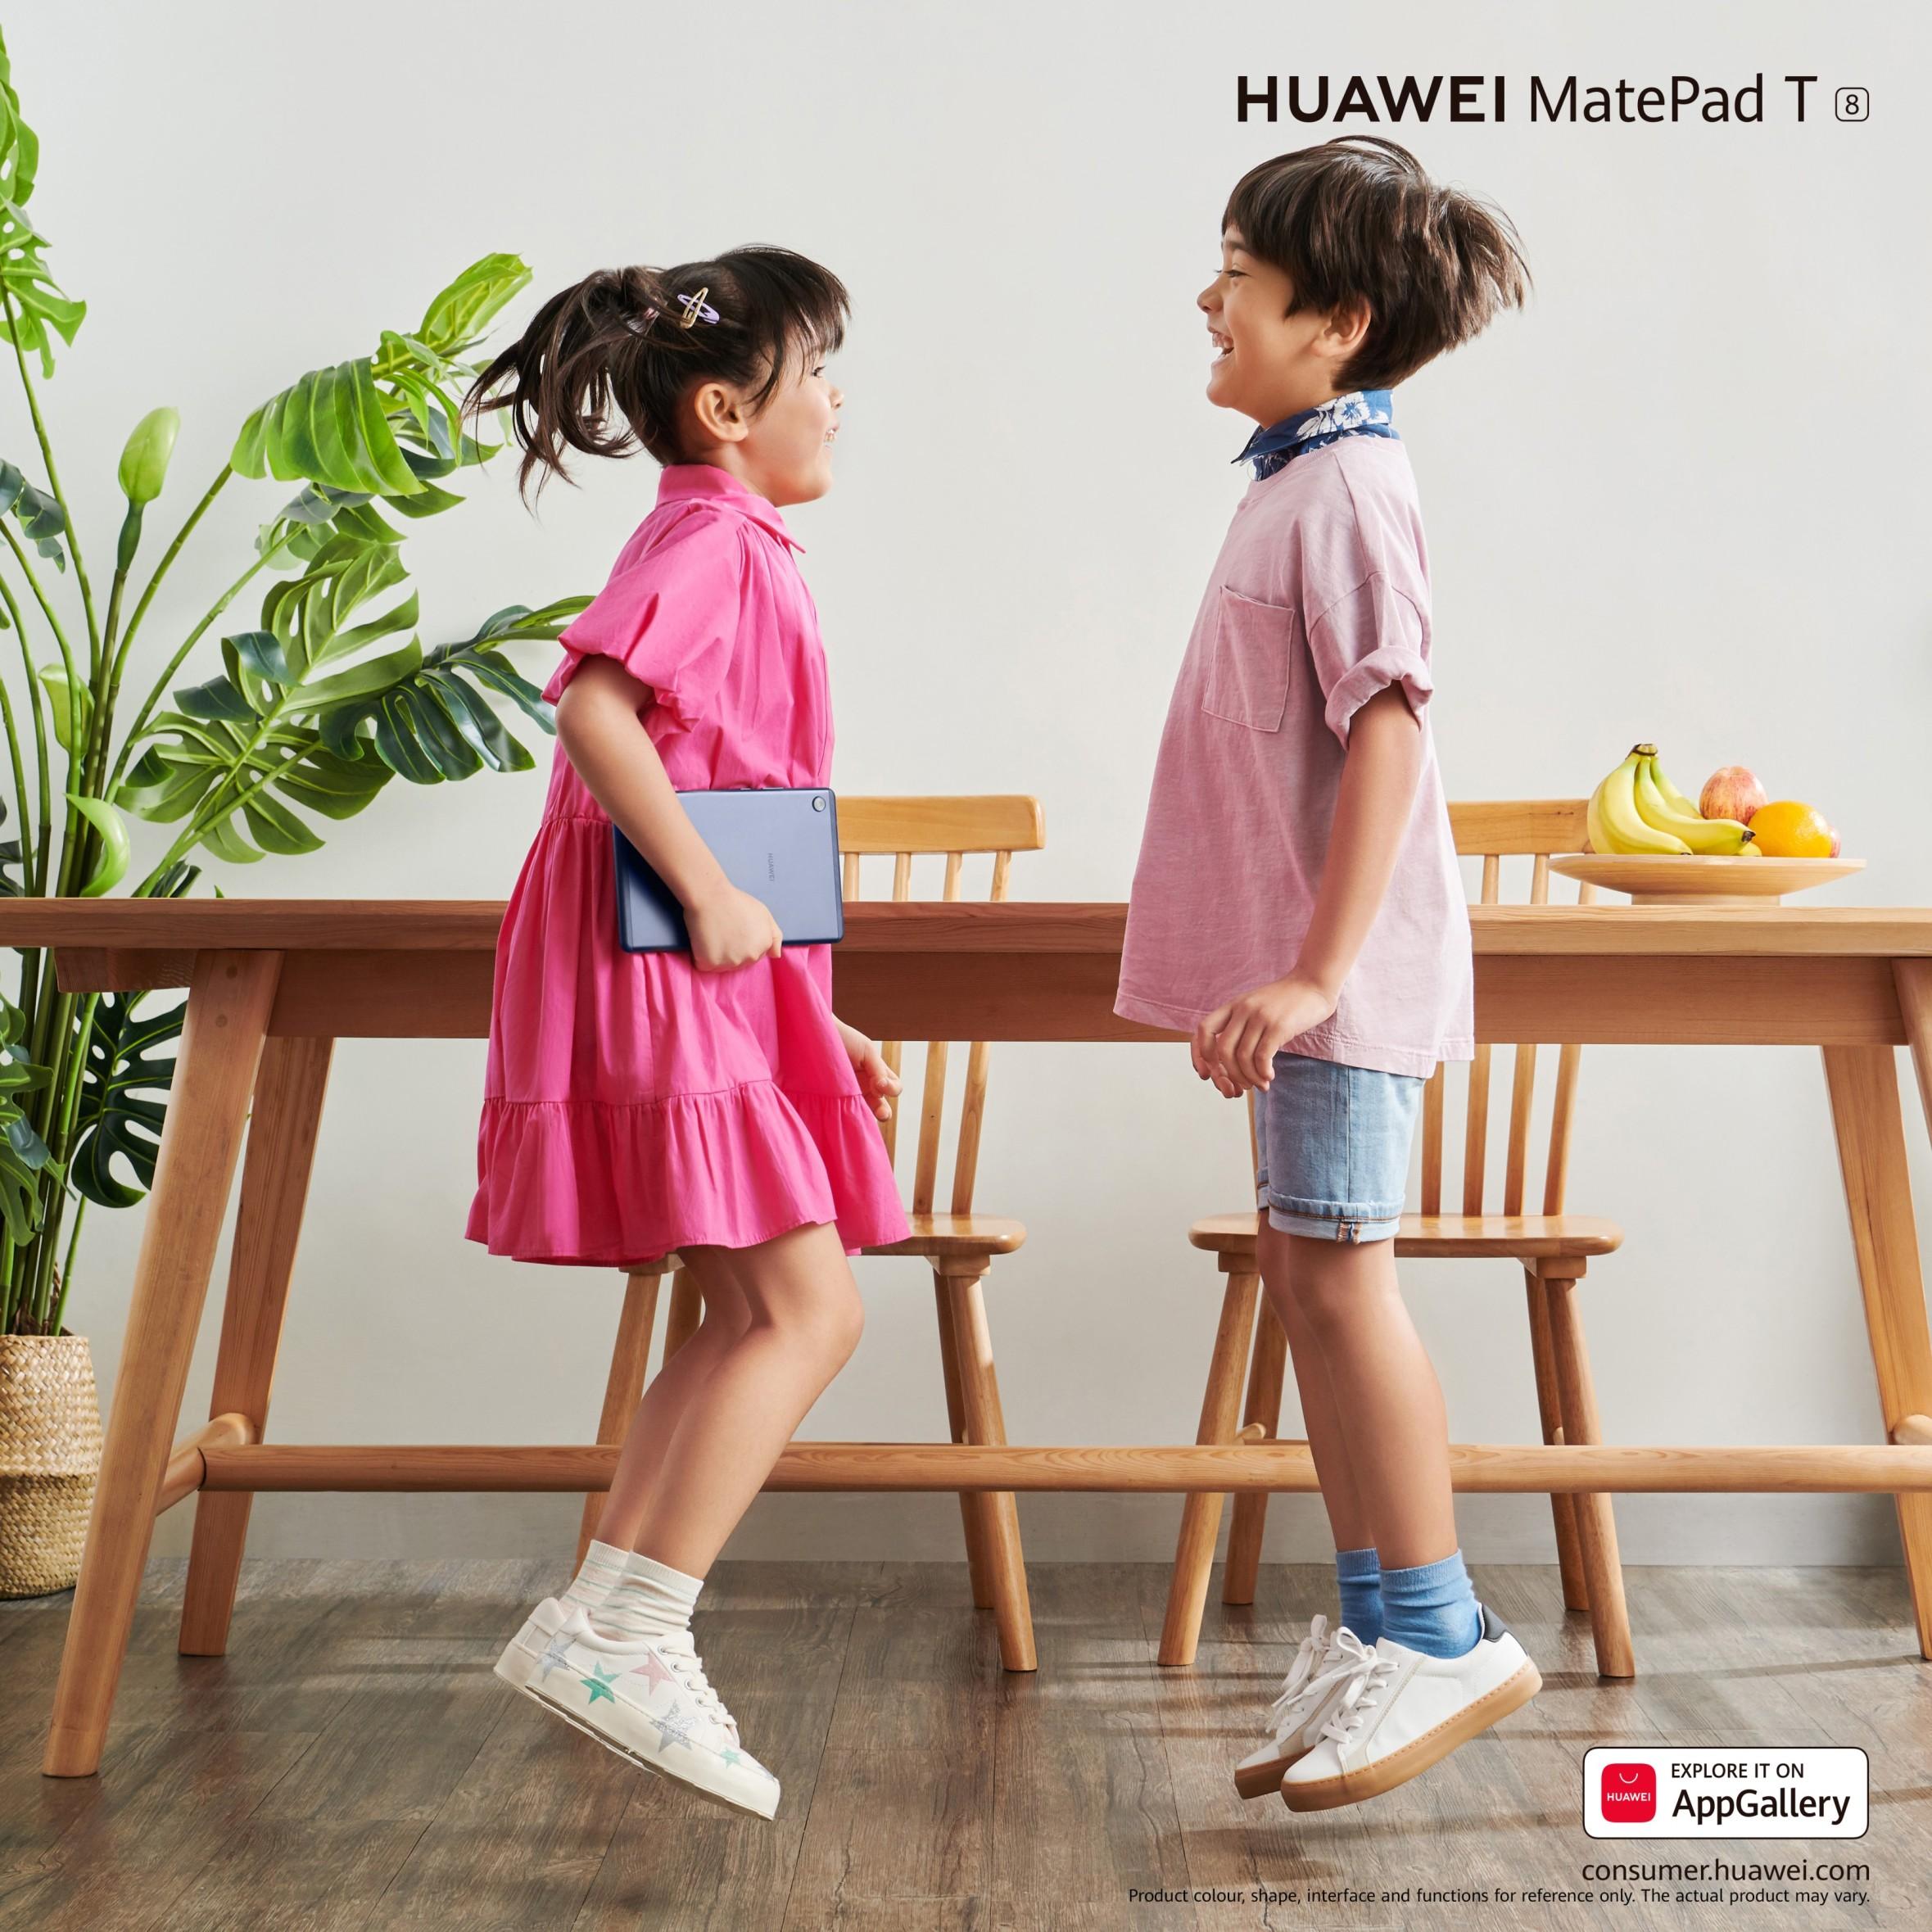 Inspirație pentru cadoul perfect de 1 Iunie: posibilități nelimitate pentru copii cu noile telefoane Huawei Seria Y și tableta MatePad T8